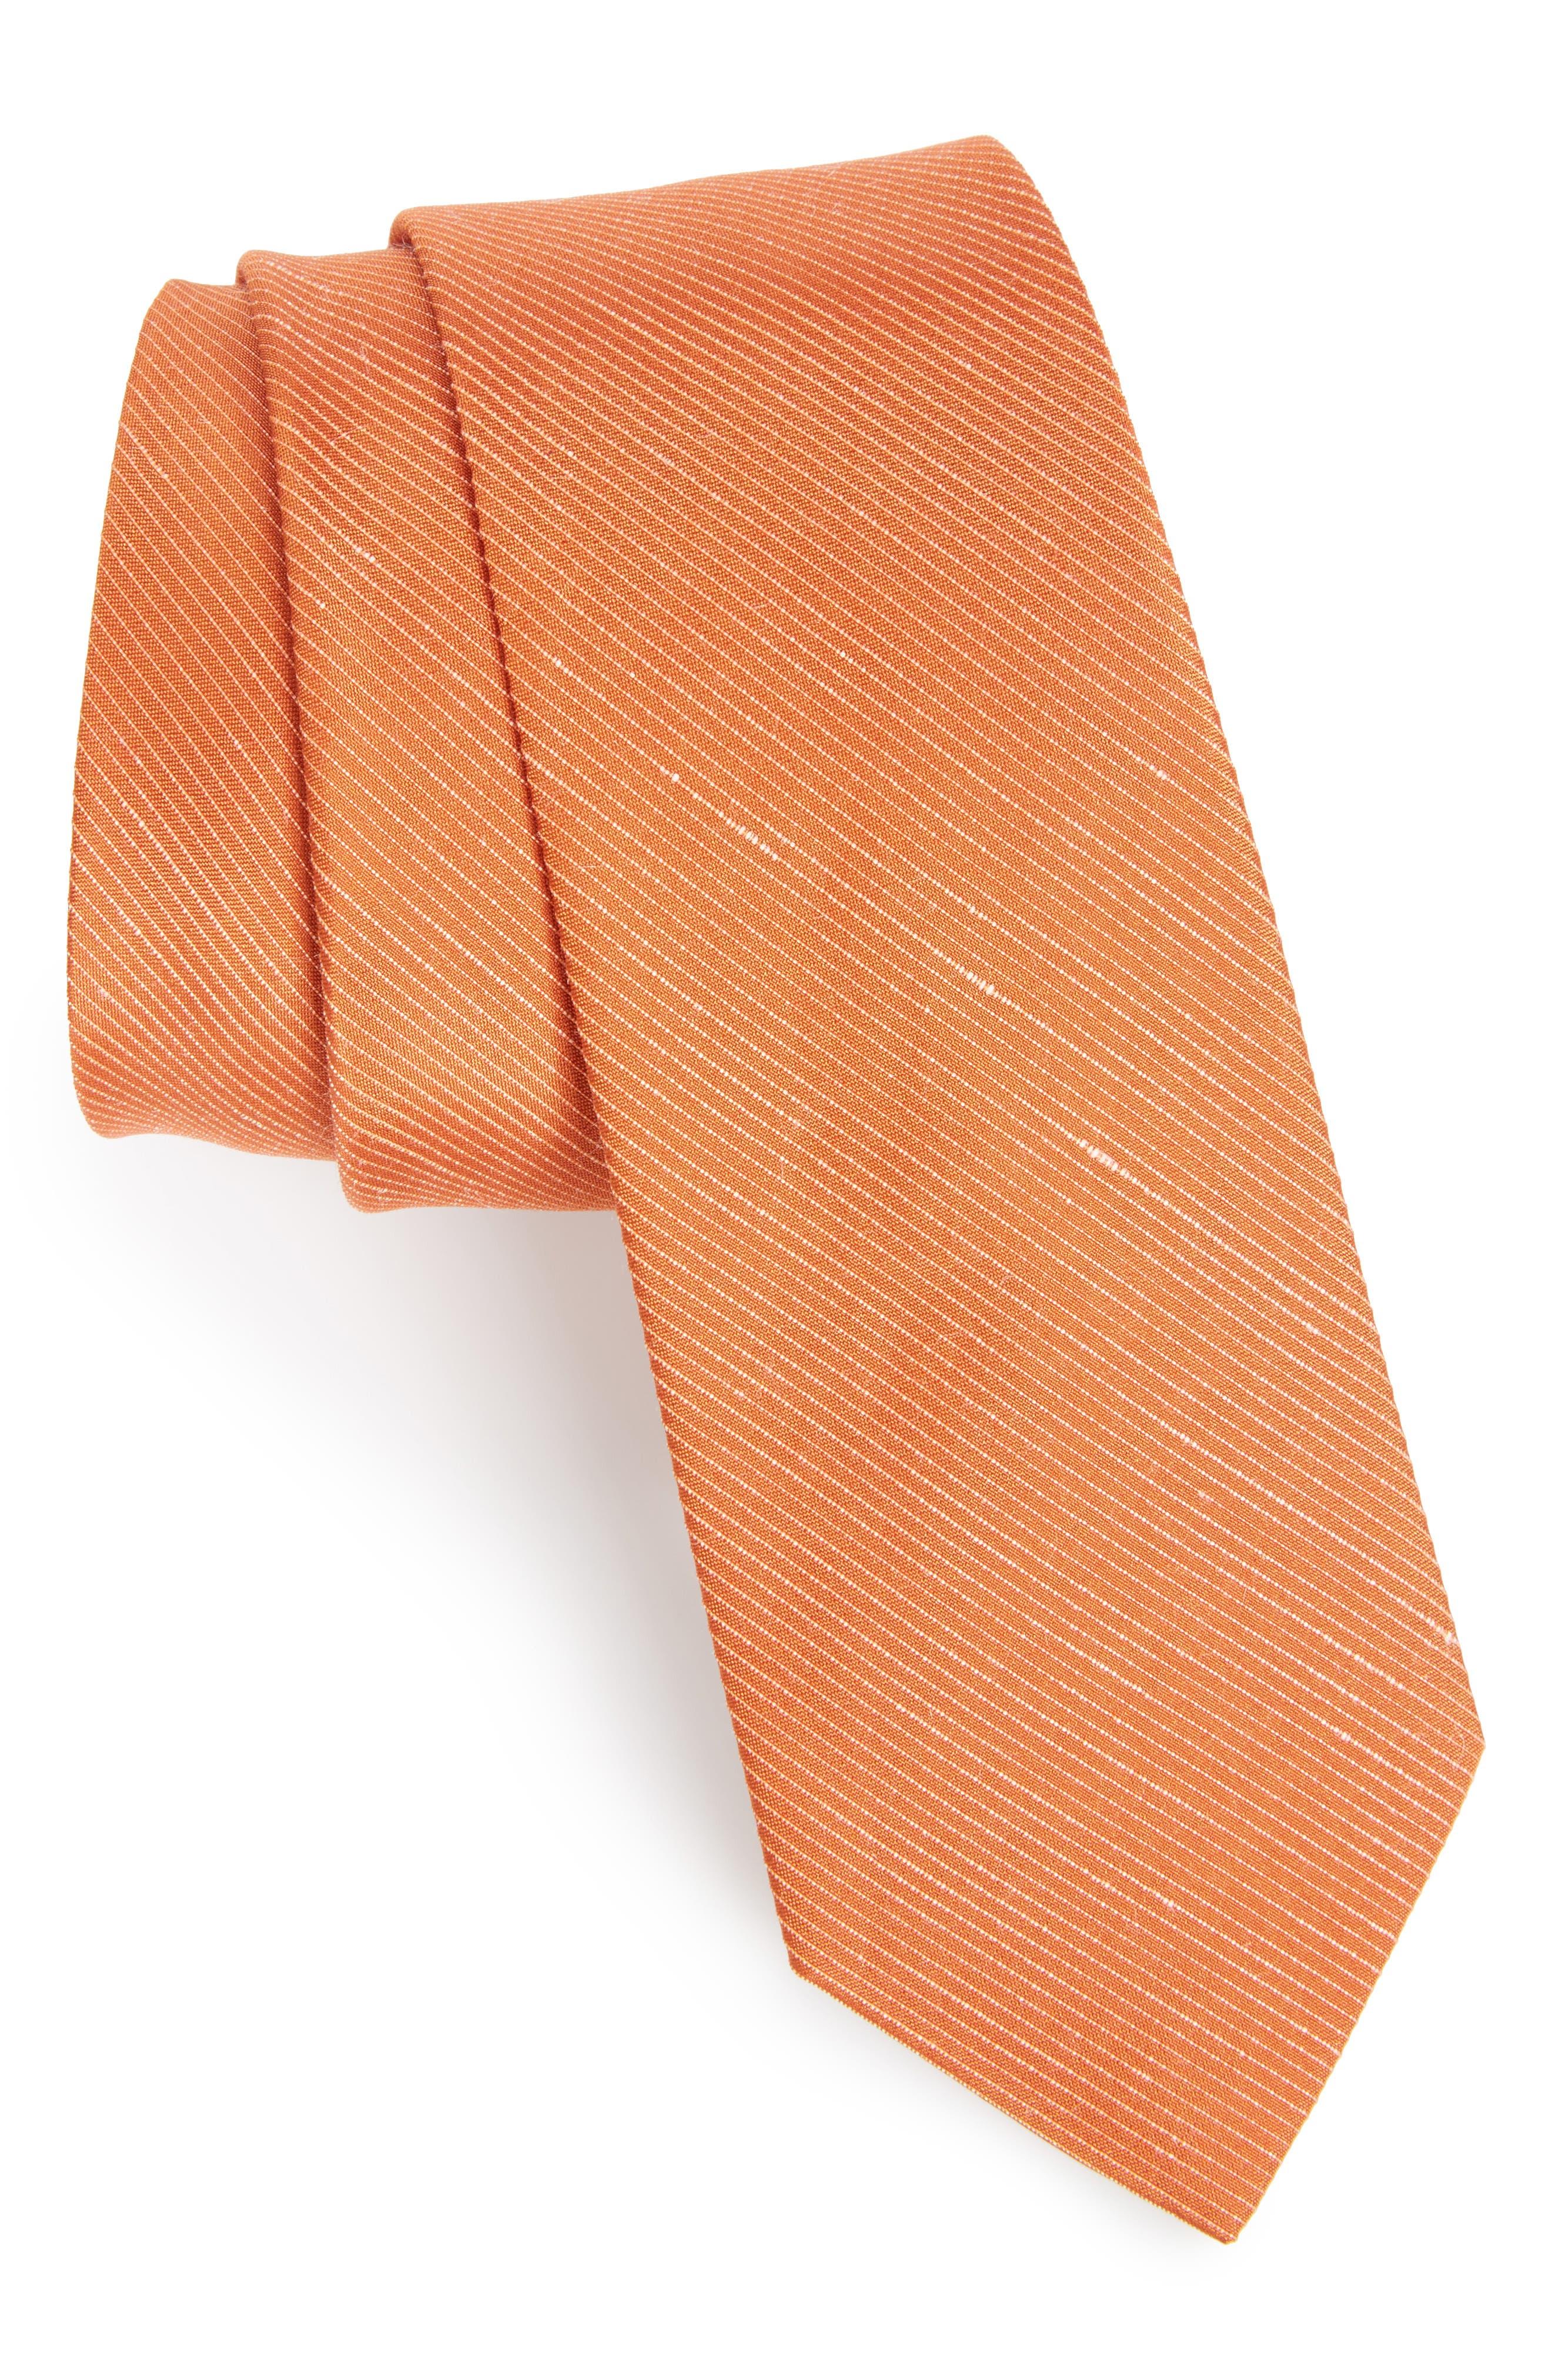 The Tie Bar Pinstripe Silk & Linen Tie